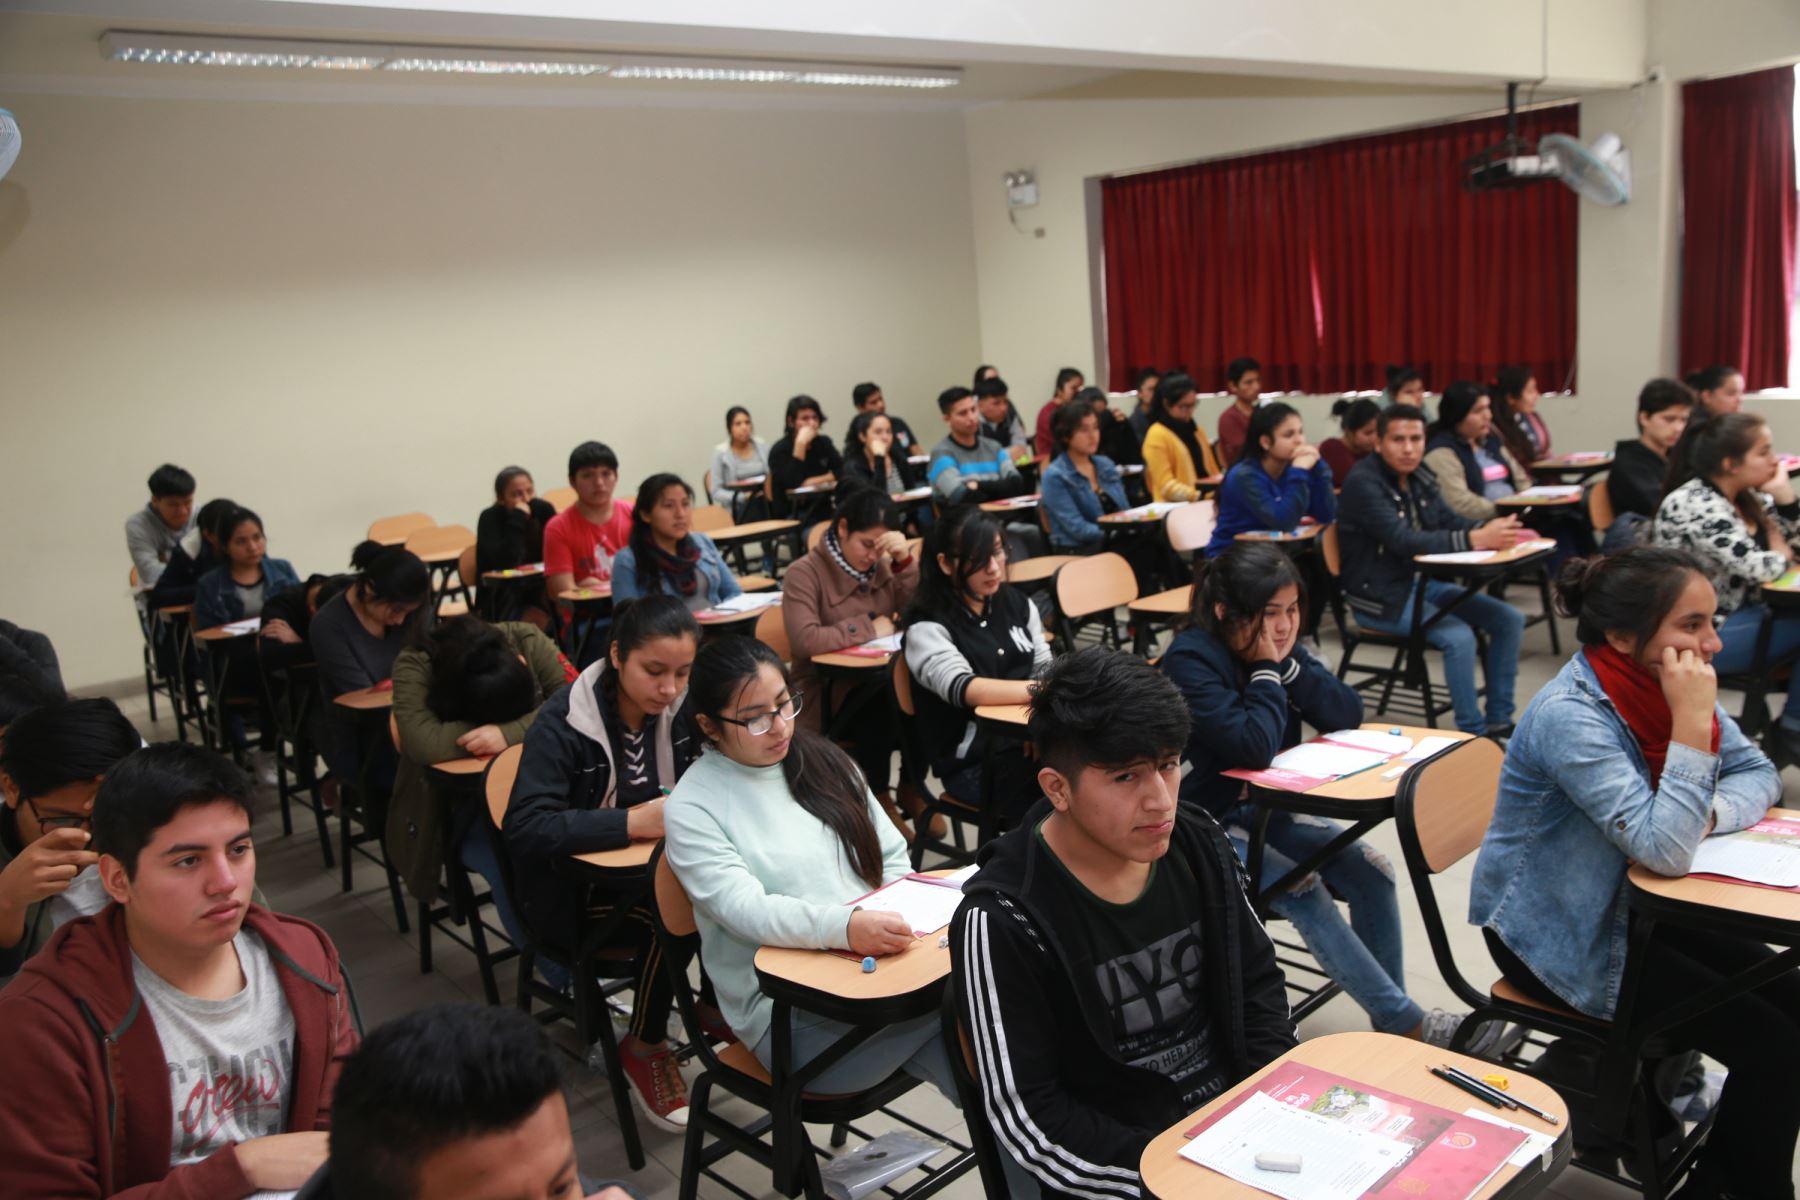 12  universidades aún siguen en carrera para obtener el licenciamiento. Foto: ANDINA/Norman Córdova.